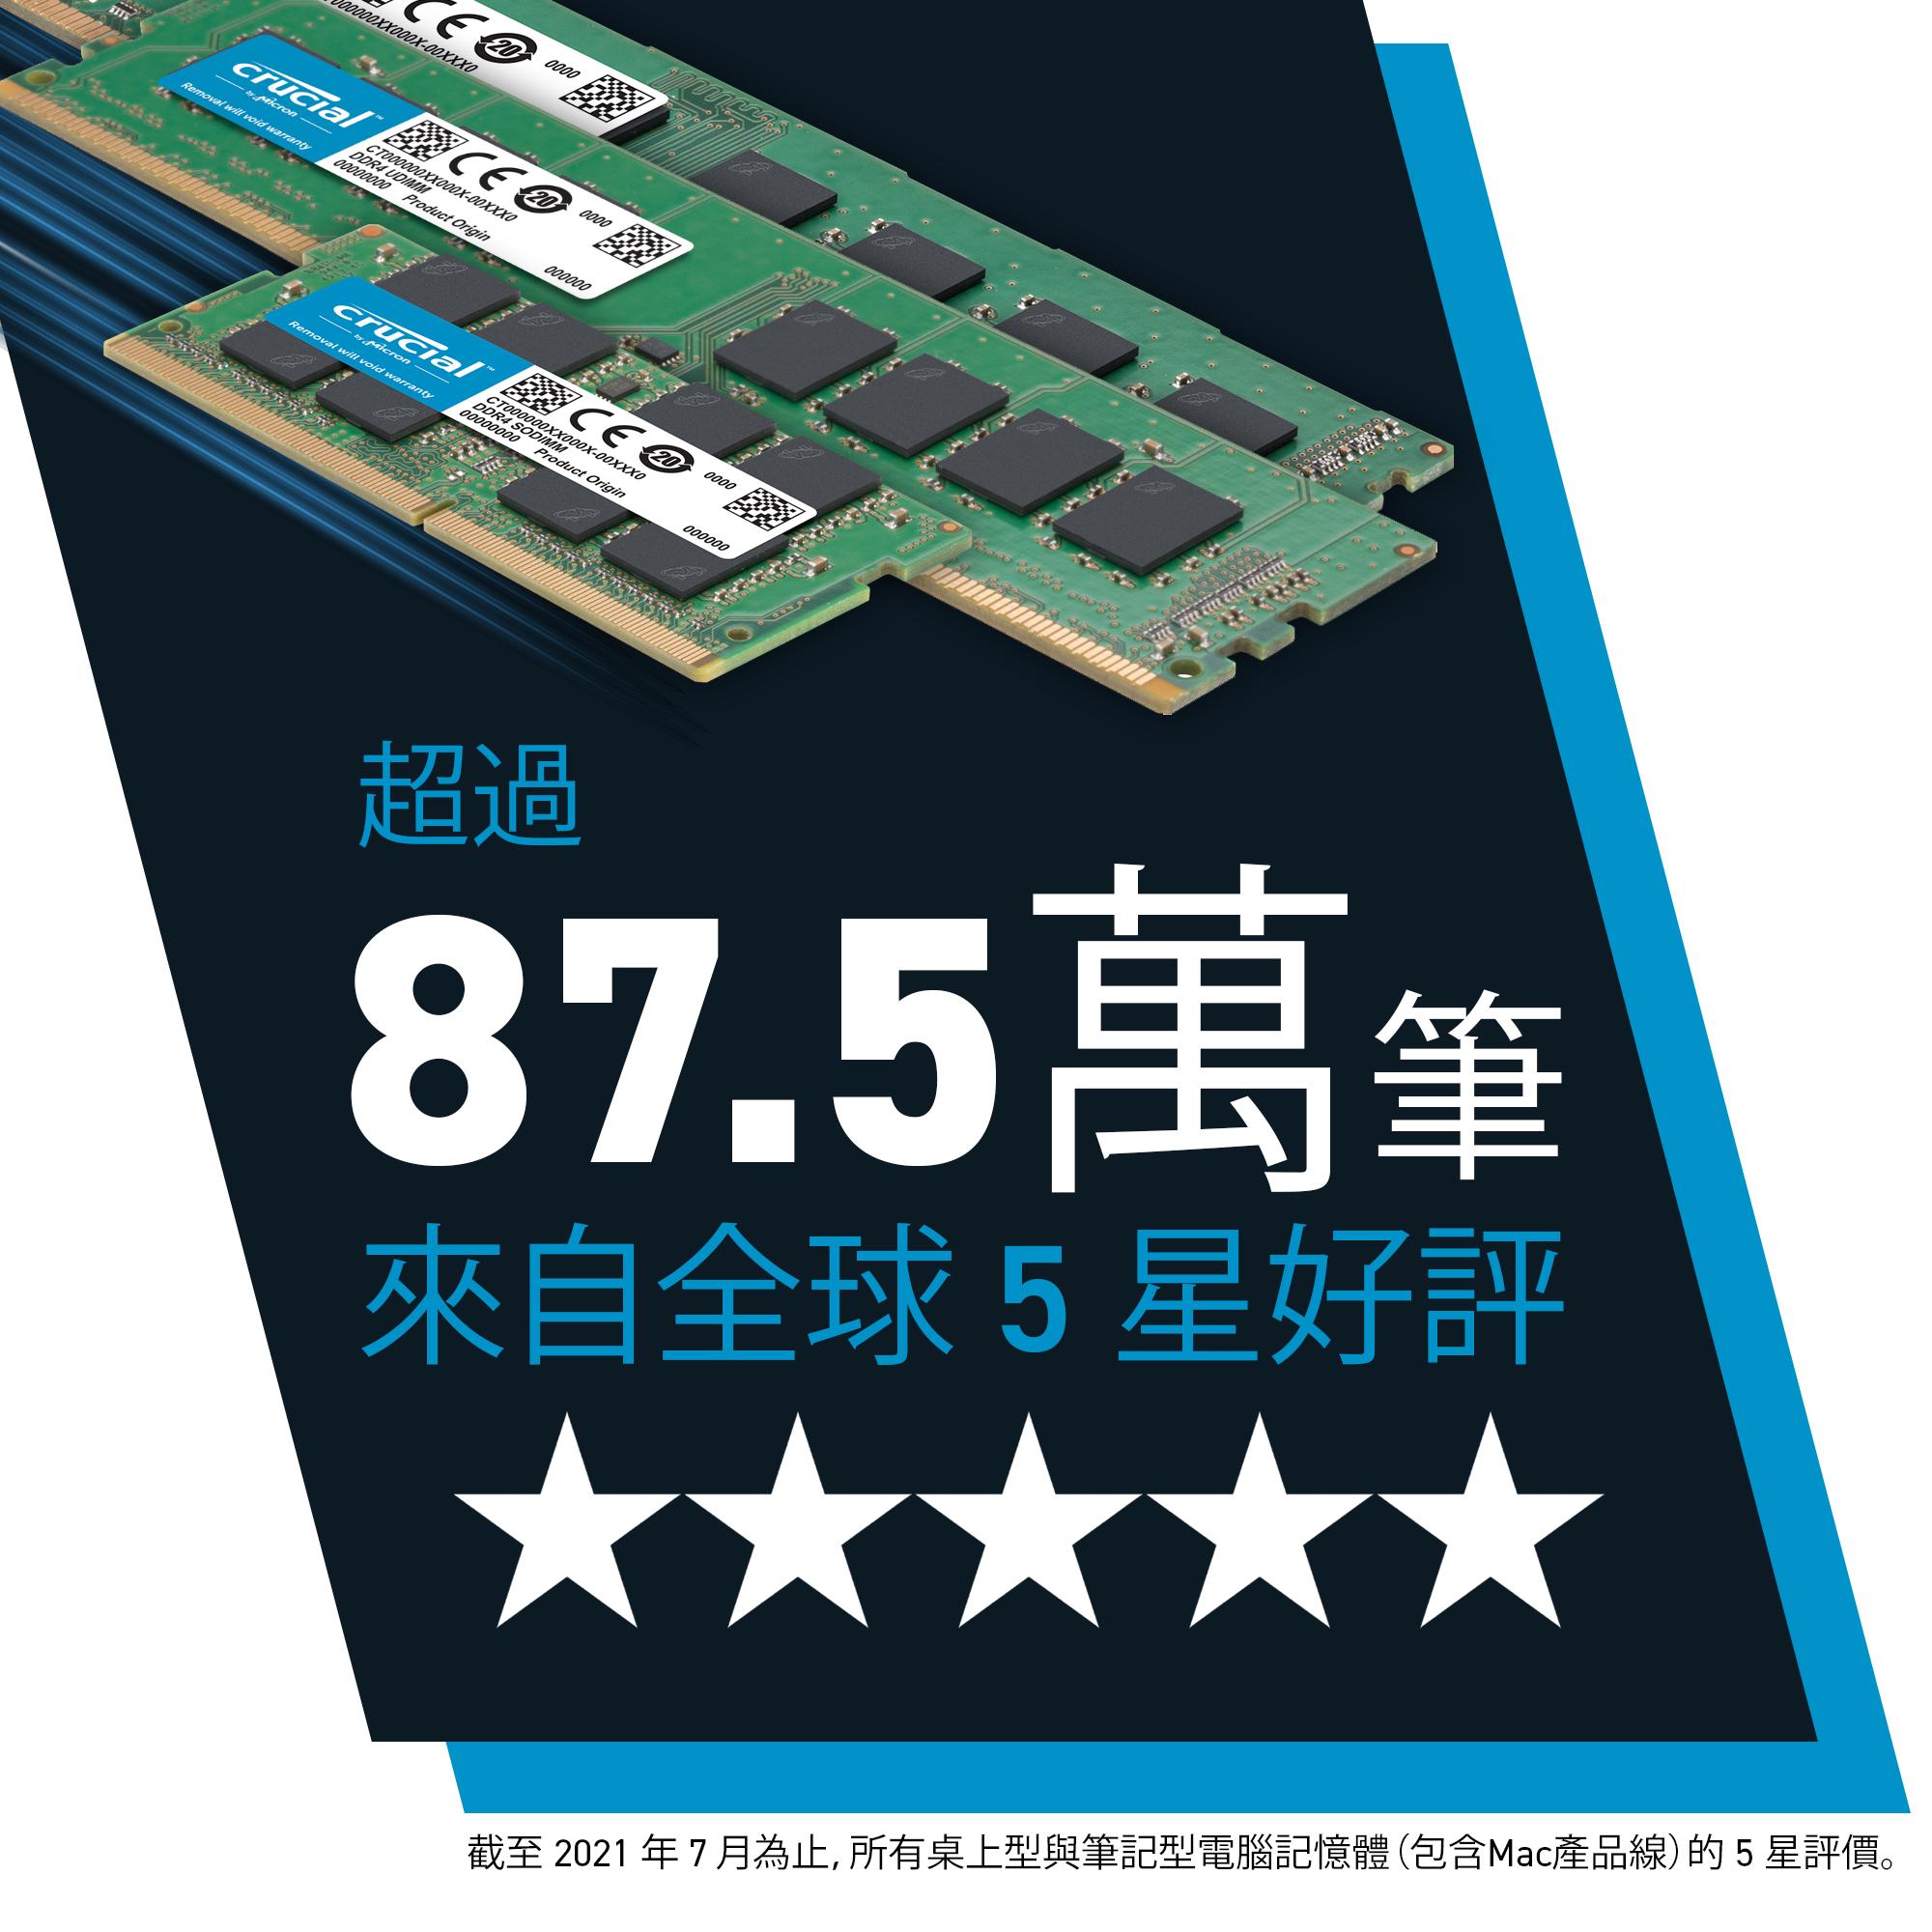 4GB DDR4 2666 MT/s (PC4-21300) CL19 SR x16 UDIMM 288pin- view 2